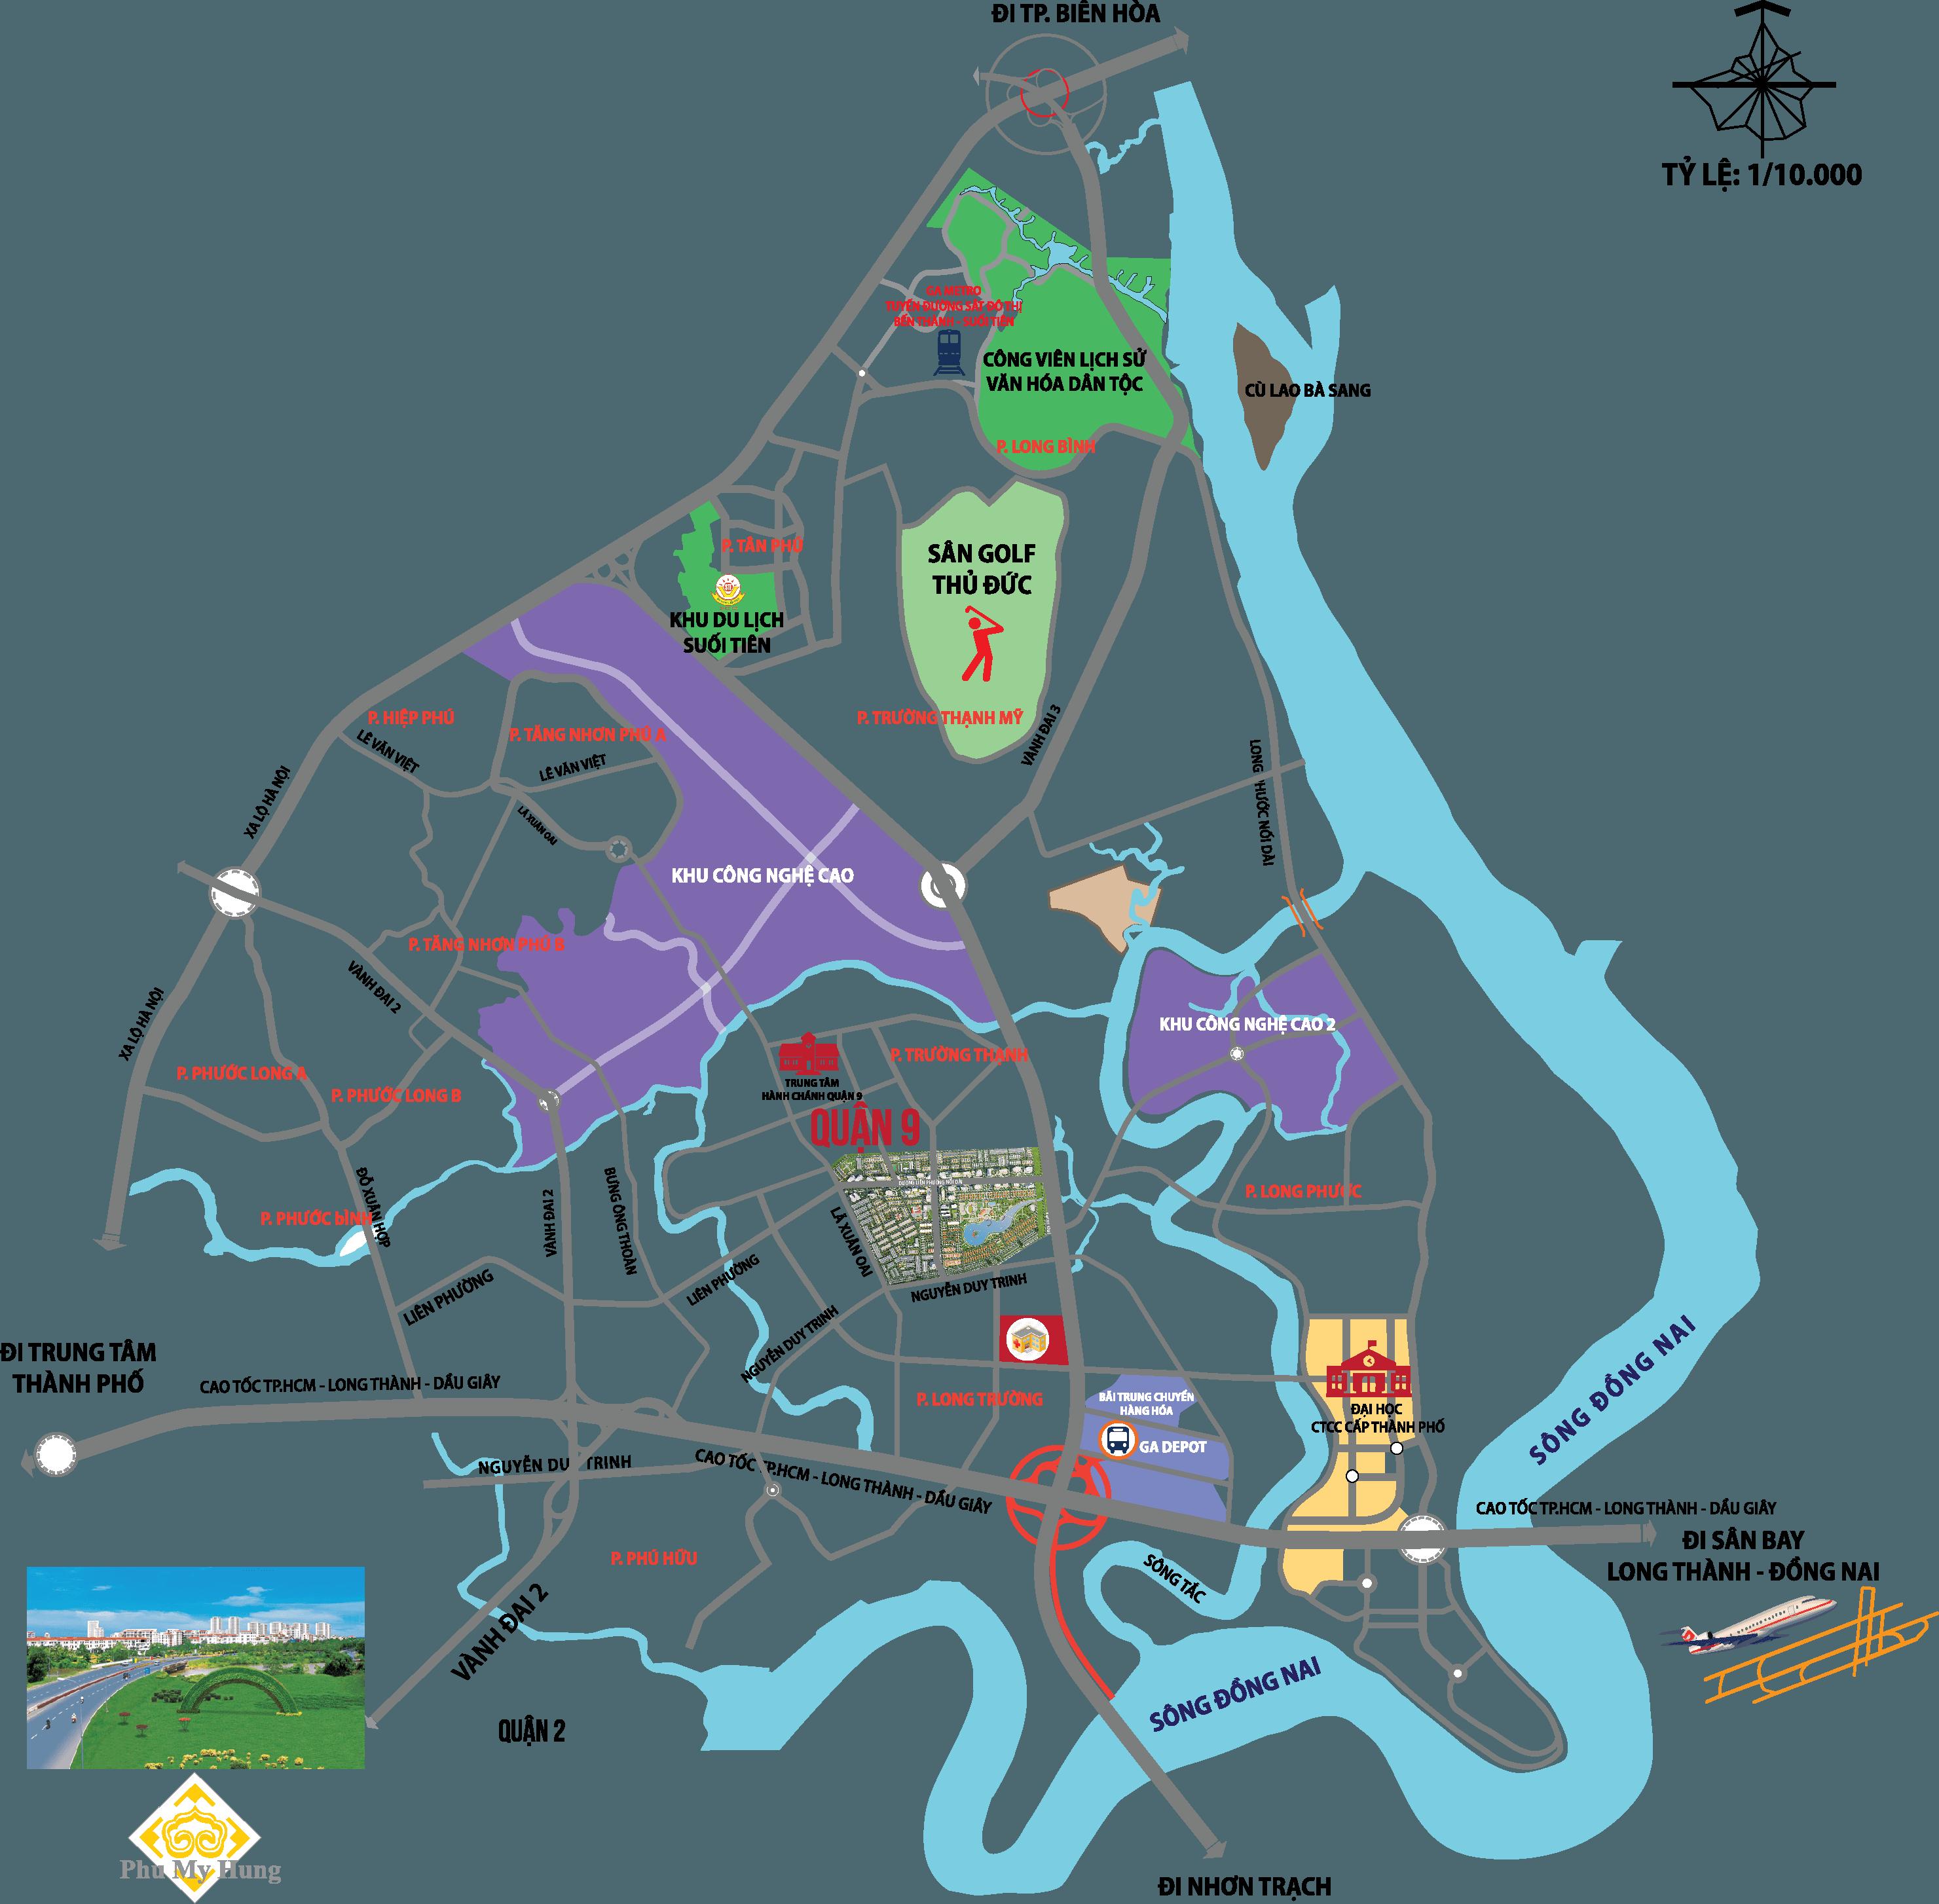 Vị trí dự án khu đô thị Đông Tăng Long Quận 9